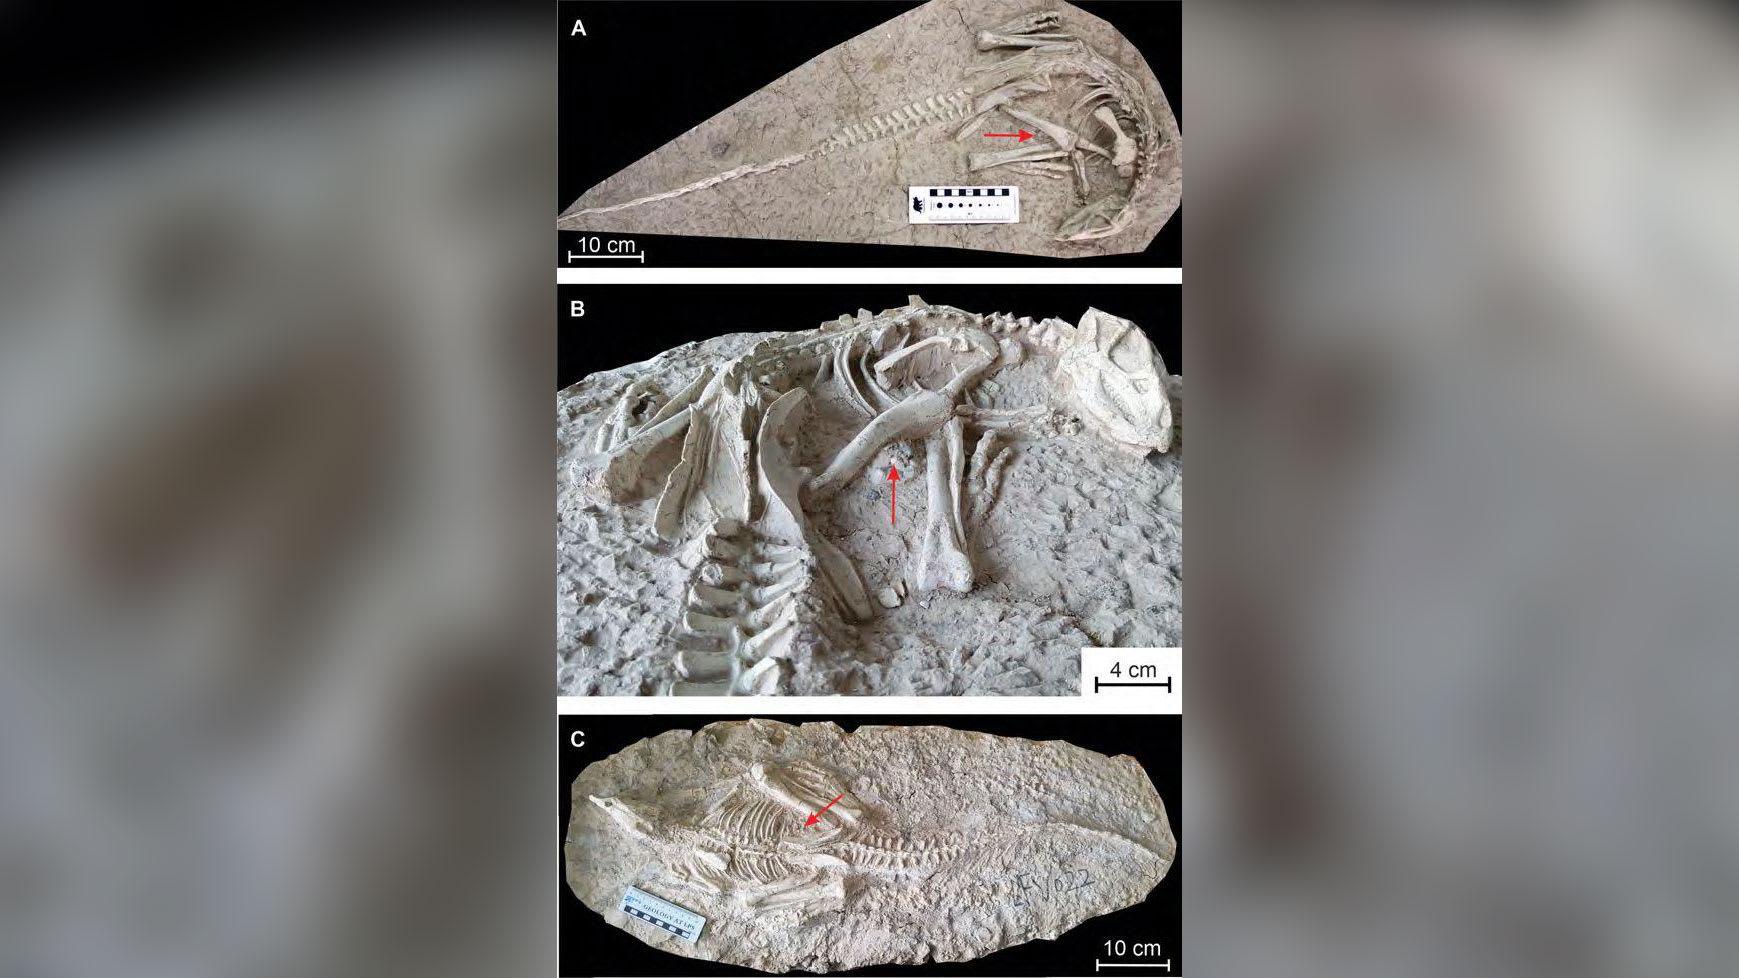 العثور على ديناصور جديد عمره 125 مليون عام مدفون بسبب ثوران بركاني في الصين